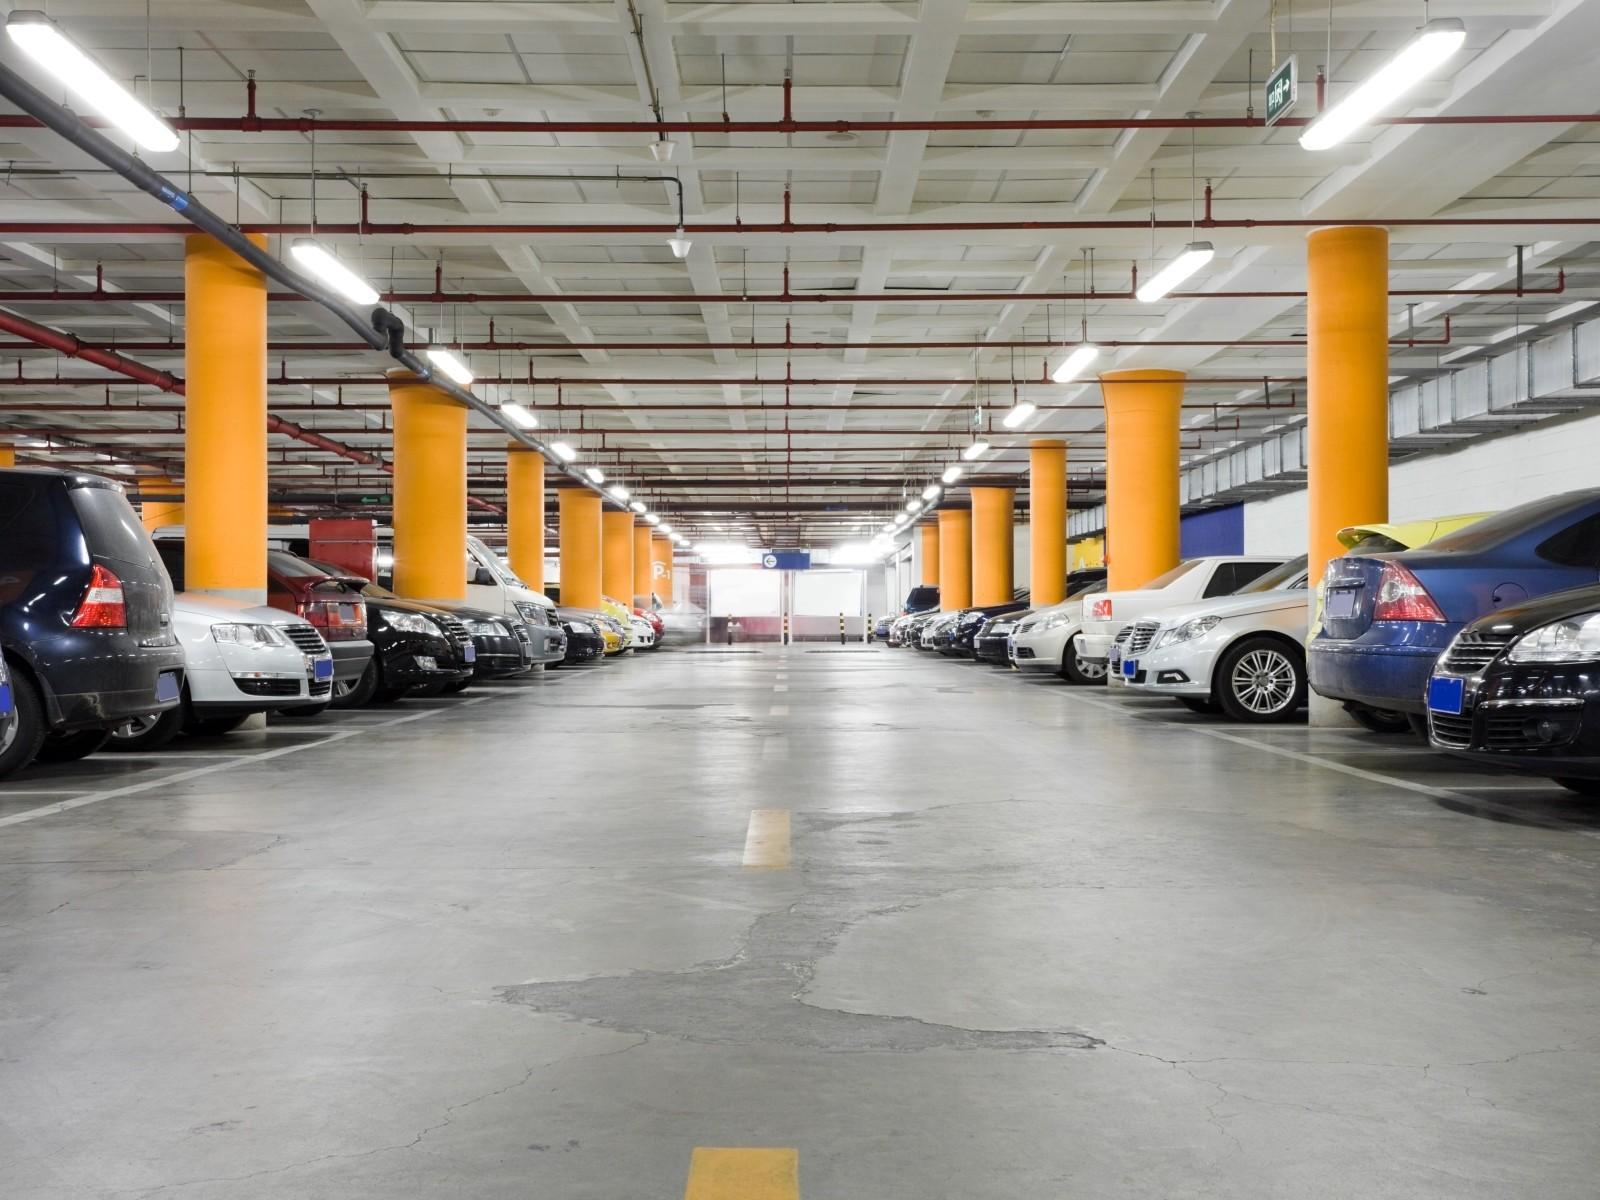 Avito: ВОмске впервую очередь покупают подержанные российские автомобили